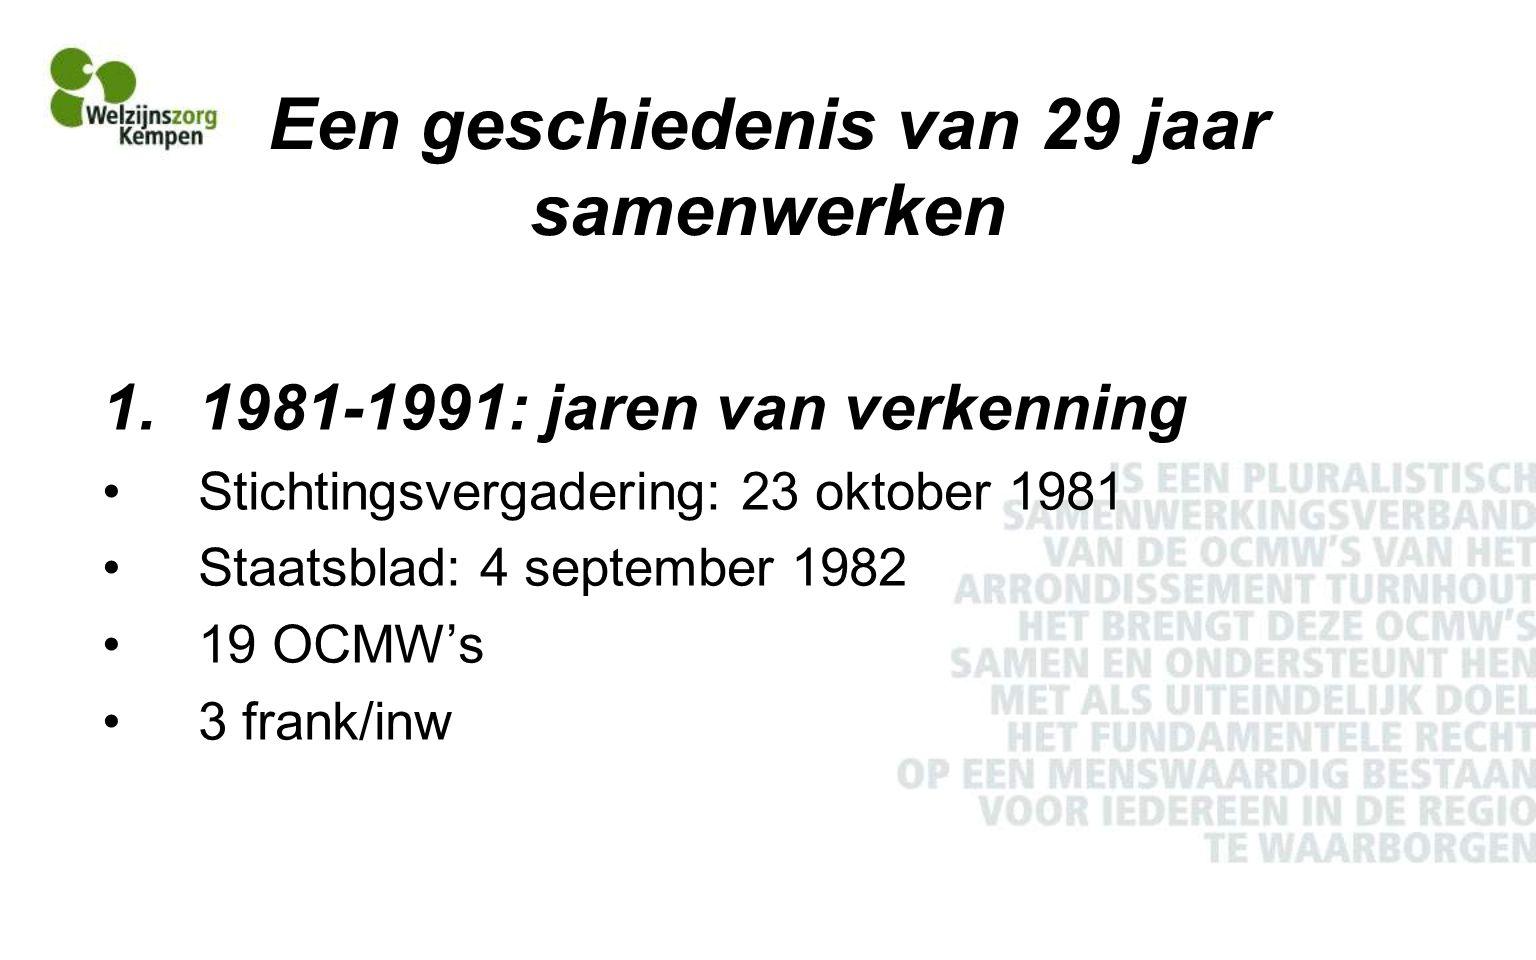 Een geschiedenis van 29 jaar samenwerken